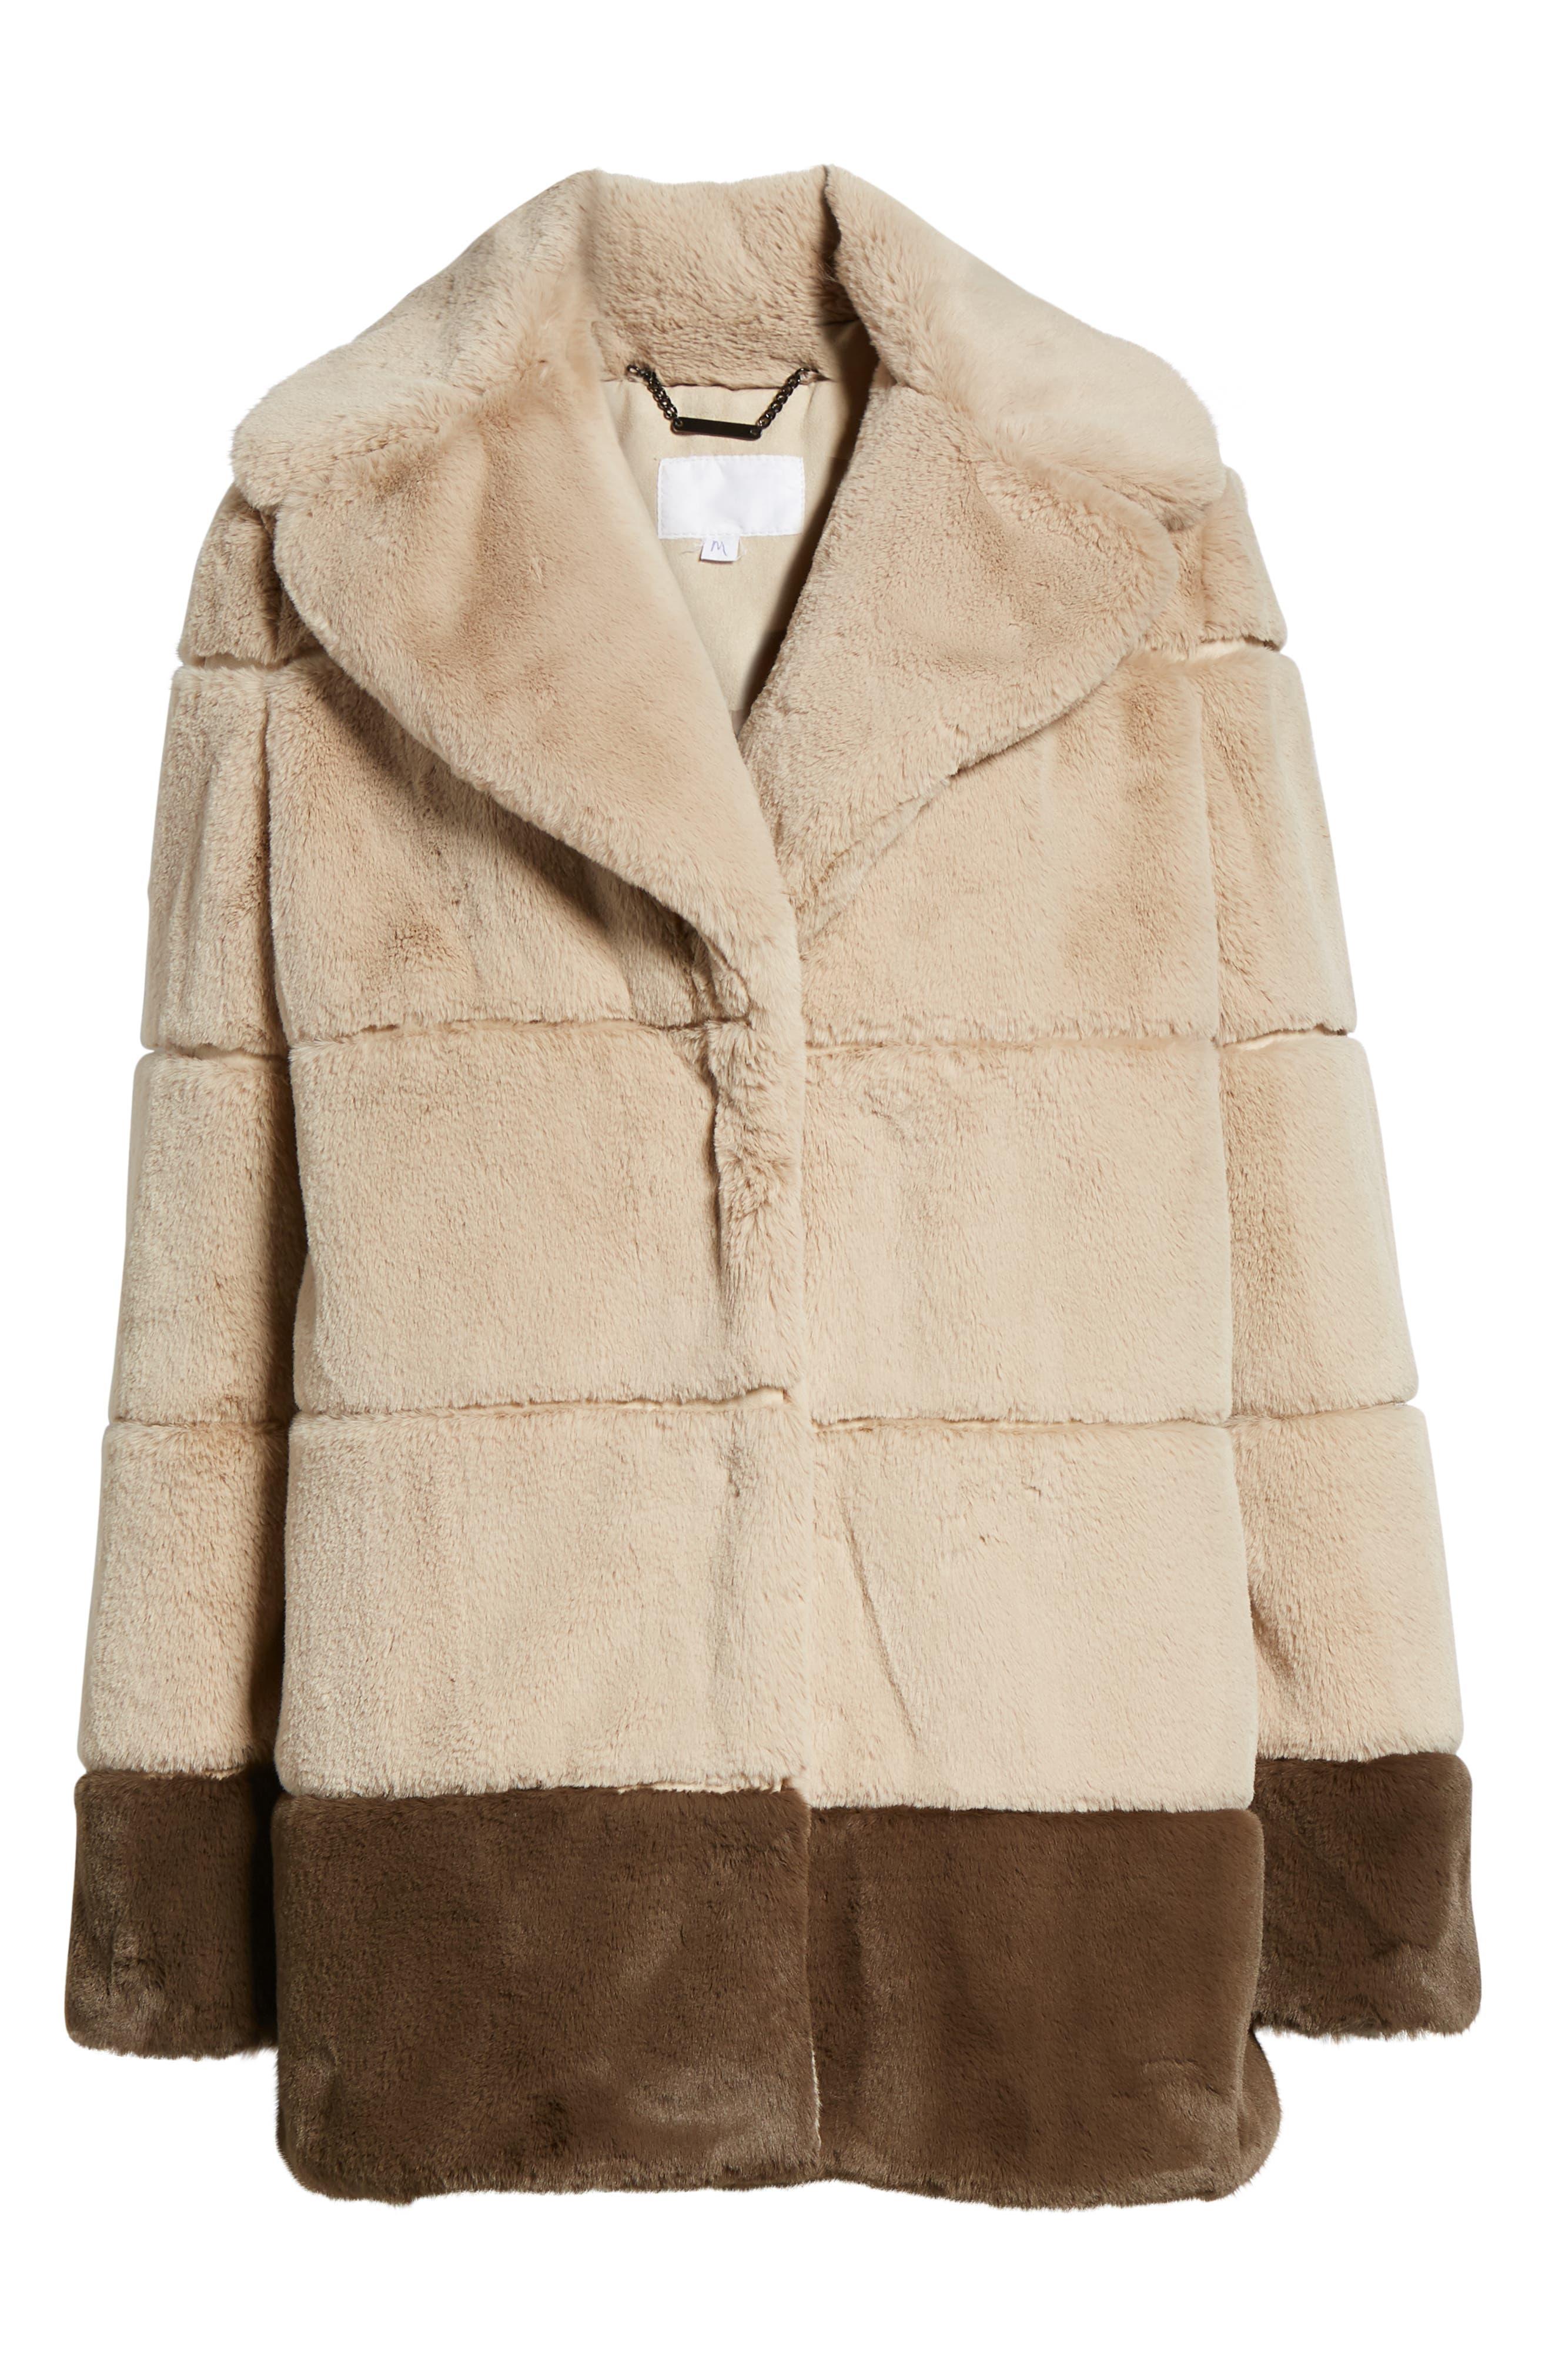 Colorblock Panel Faux Fur Jacket,                             Alternate thumbnail 5, color,                             BEIGE/ BROWN